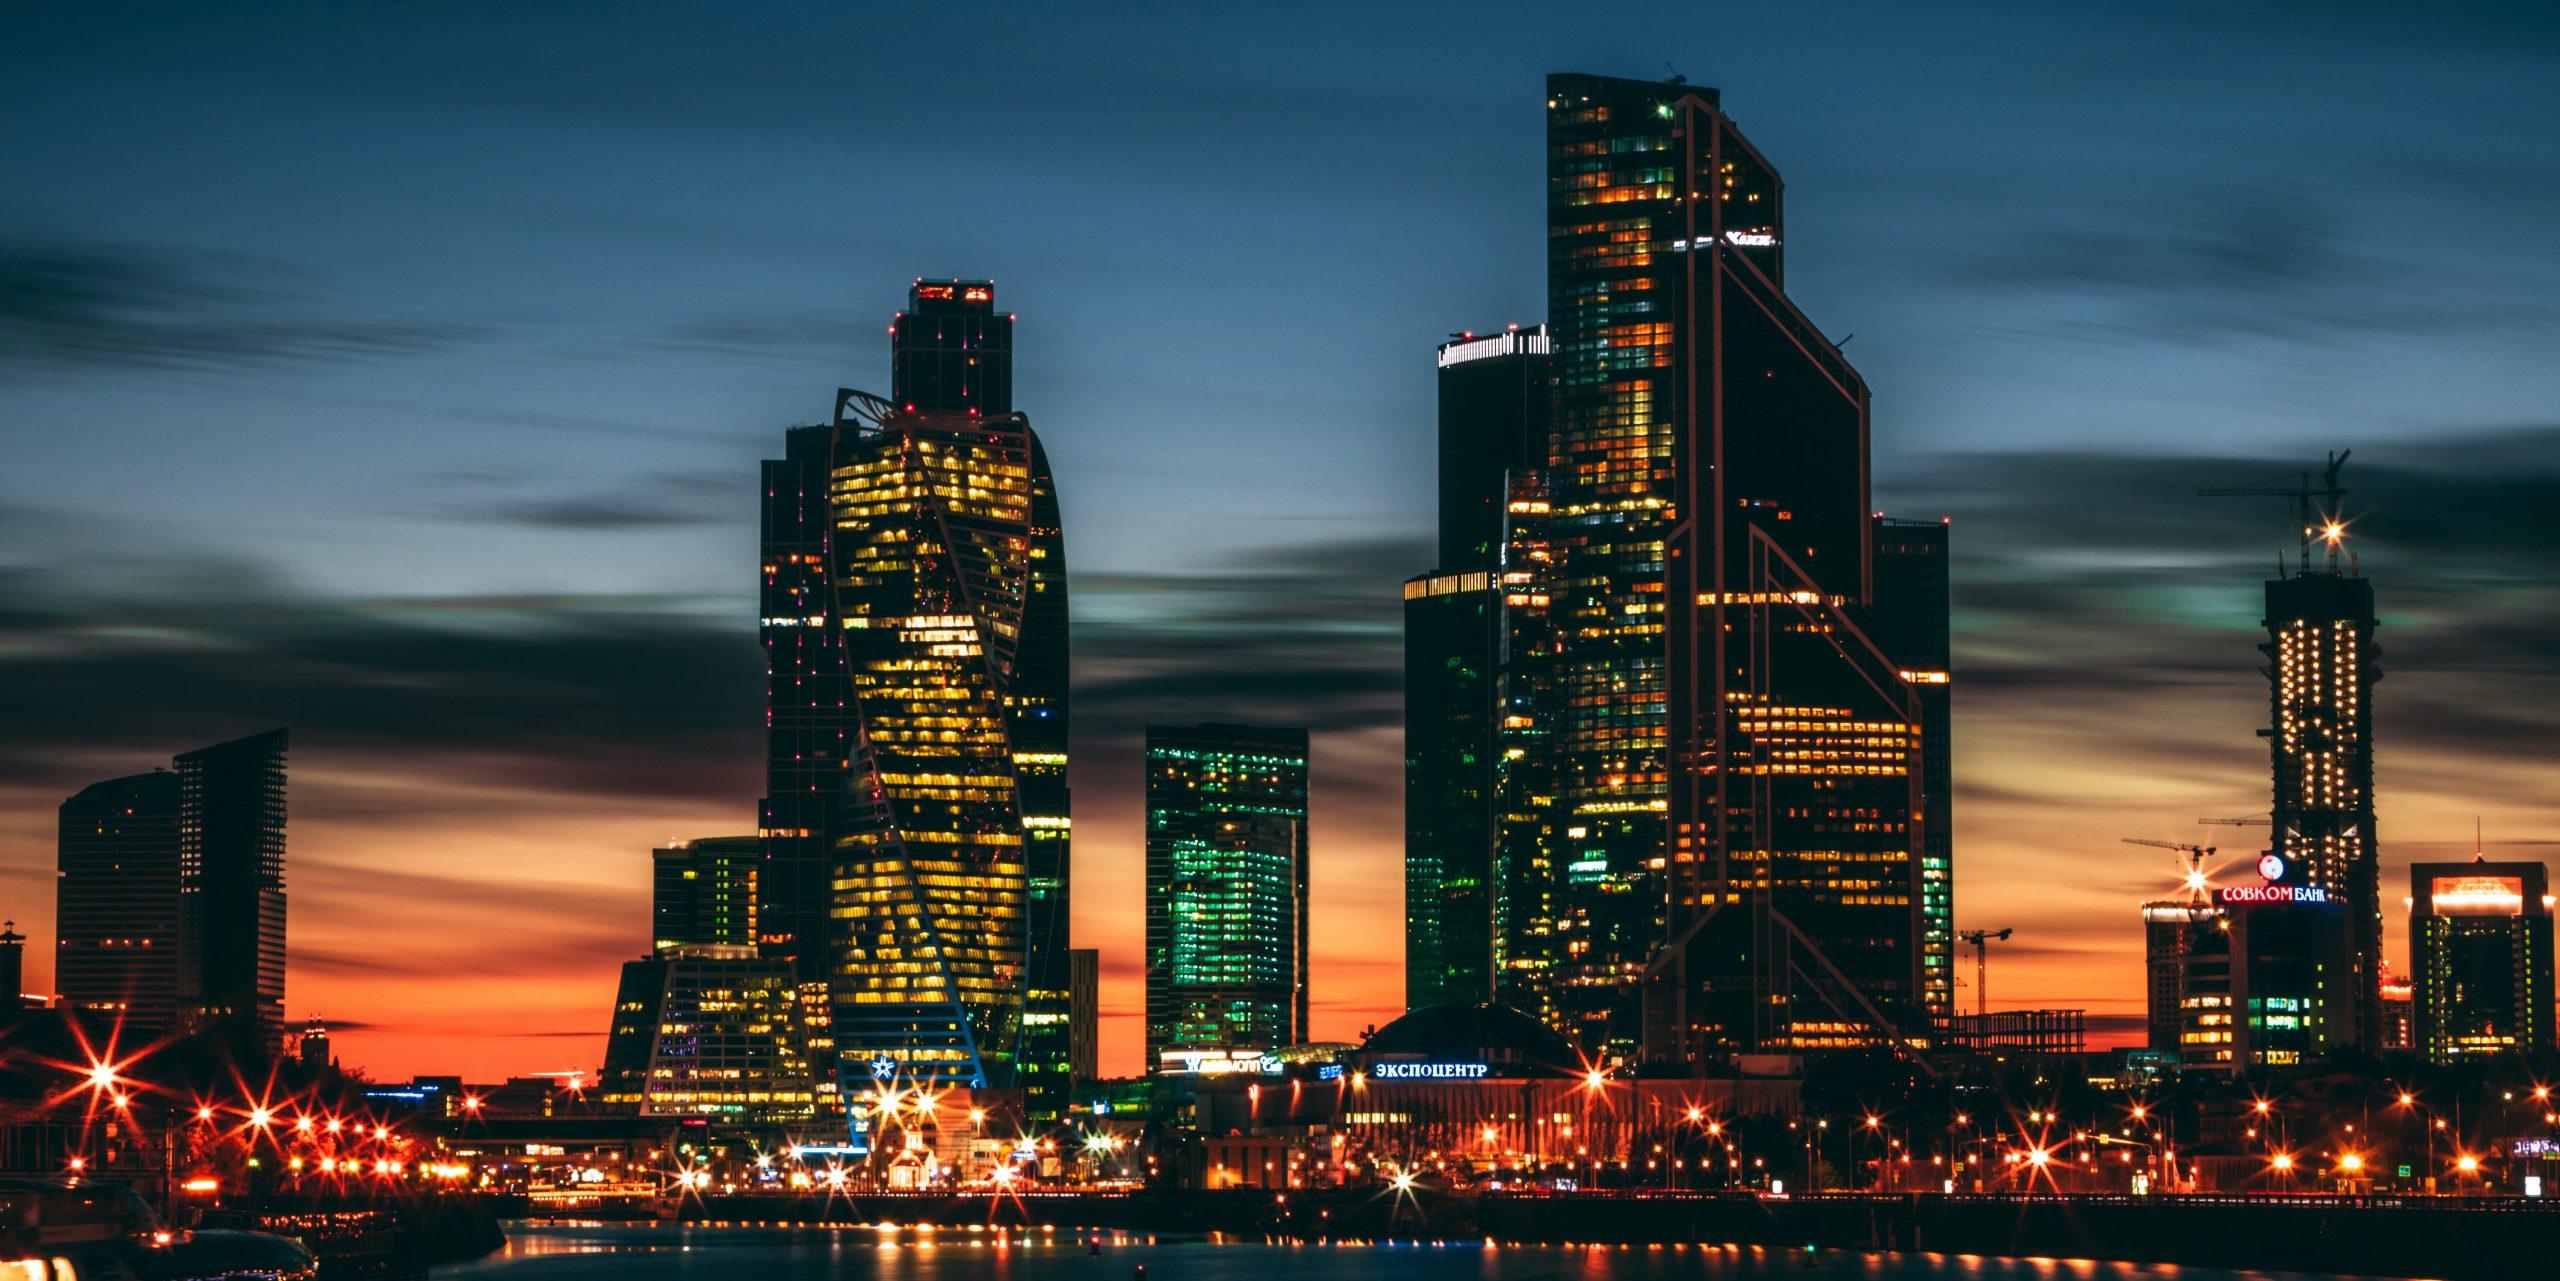 В Москве искусственный интеллект помогает обрабатывать вызовы скорой помощи